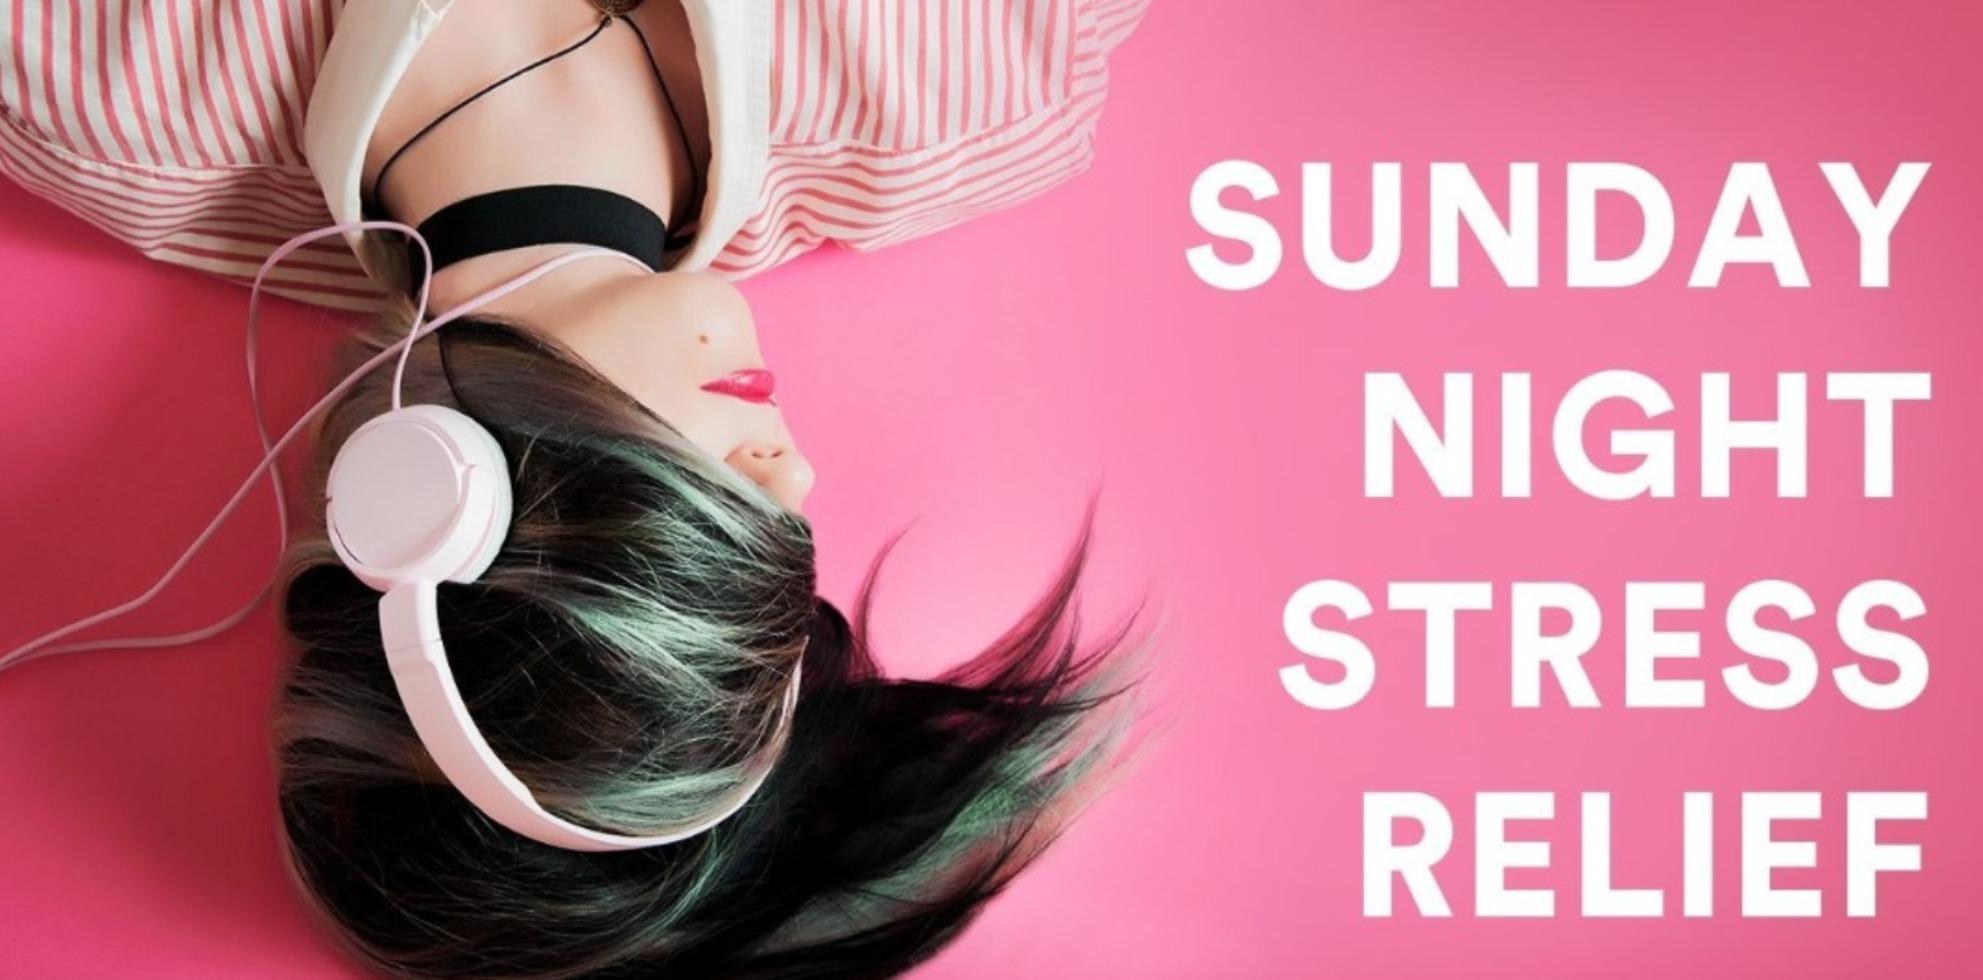 How to de-stress your Sundays?